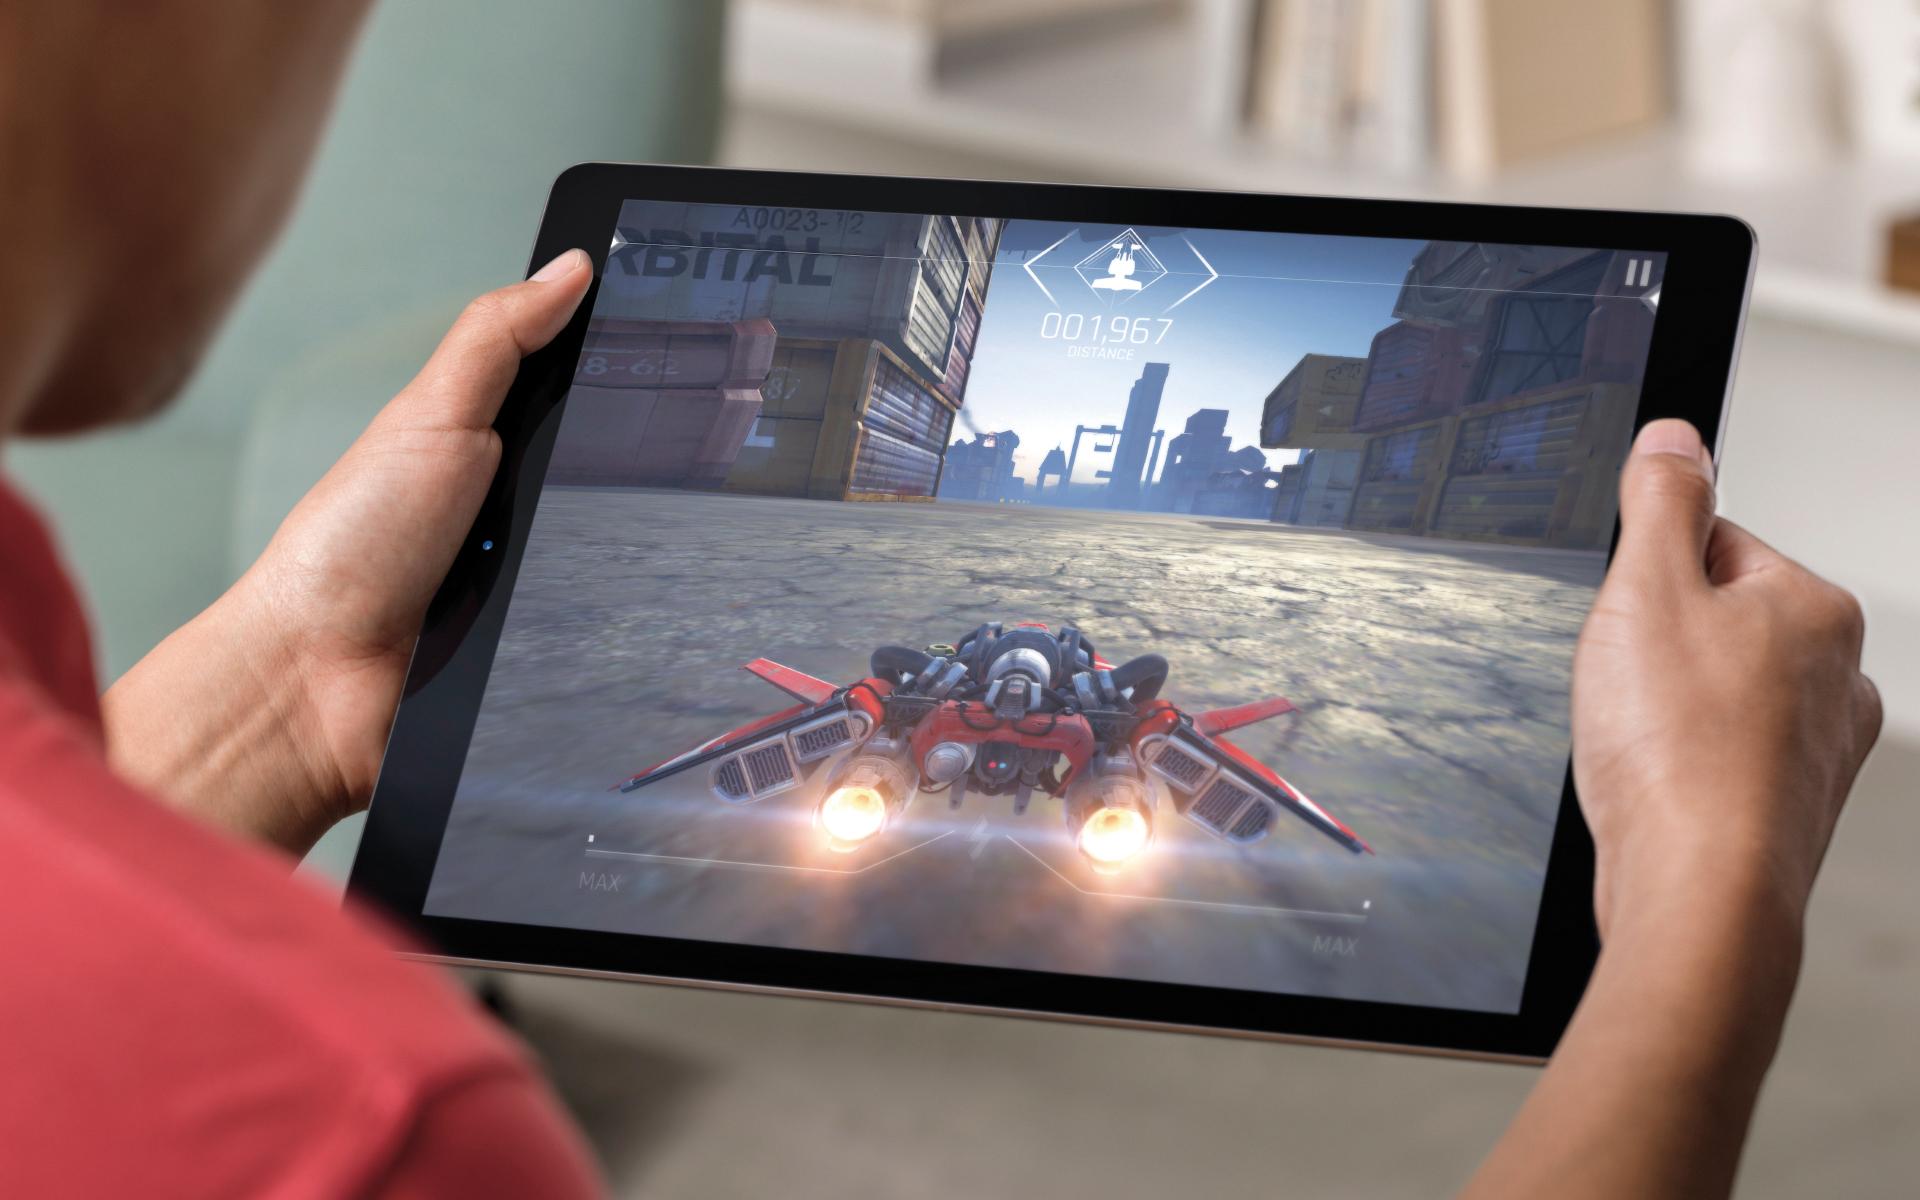 Usuário jogando num iPad Pro